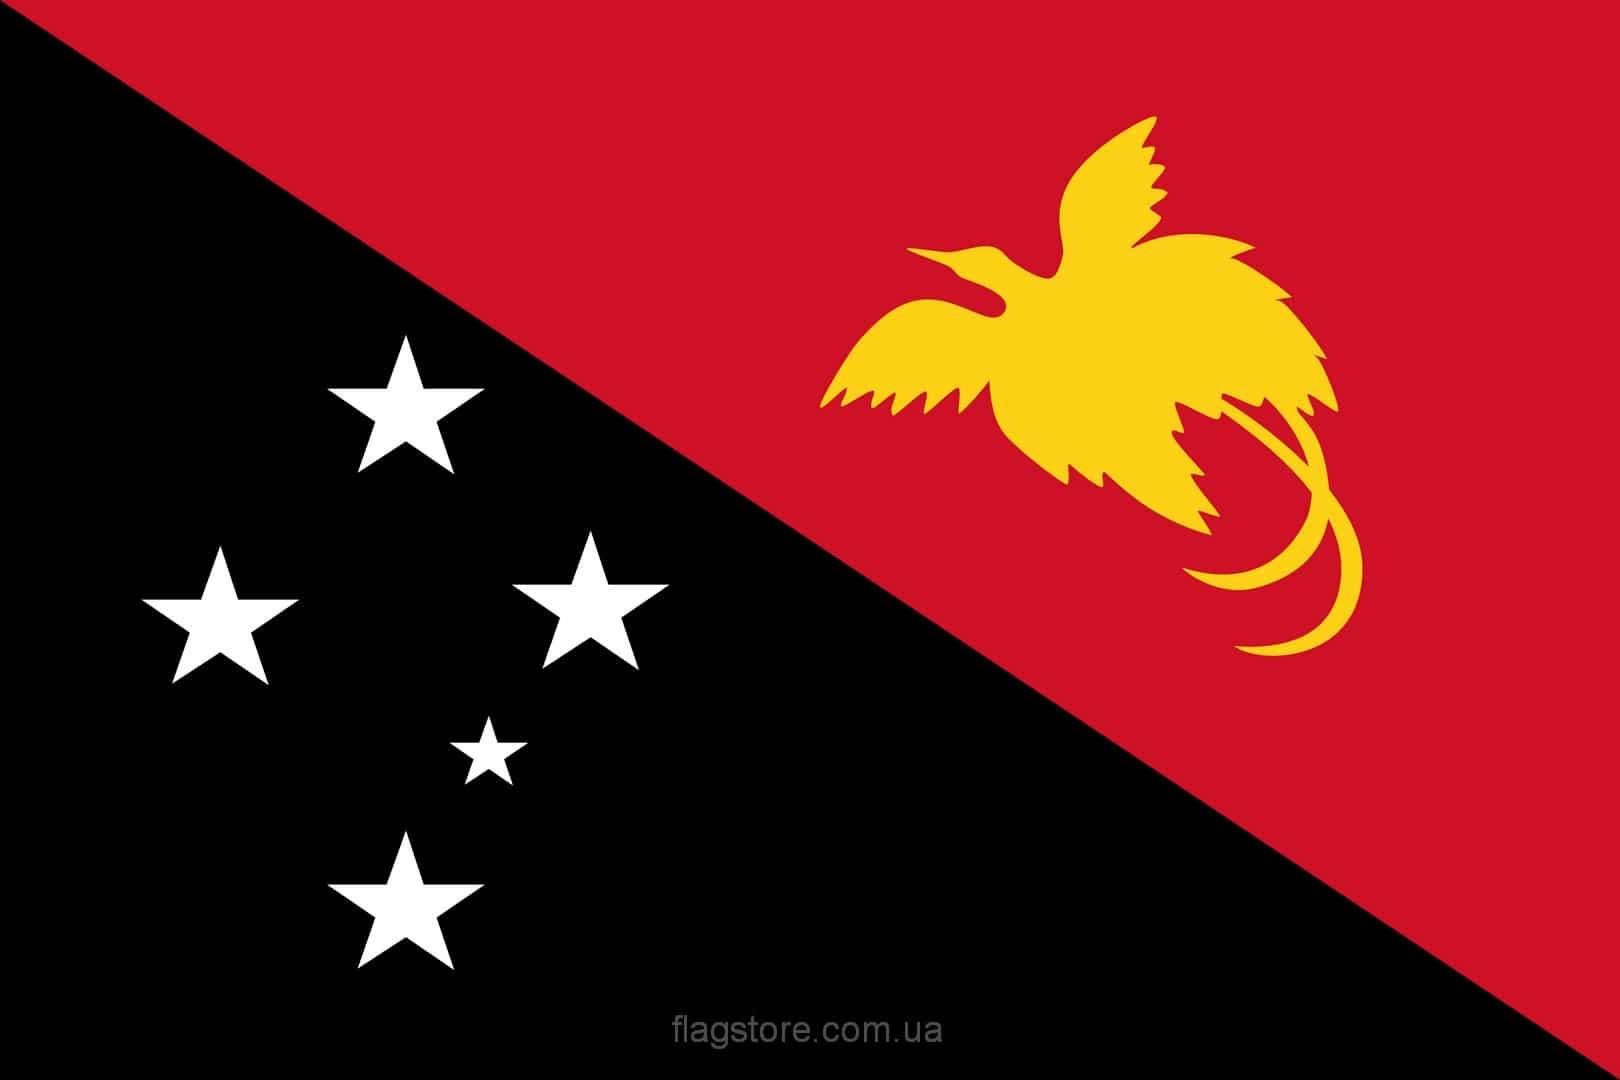 Купить флаг Папуа — Новой Гвинеи (страны Папуа – Новая Гвинея)